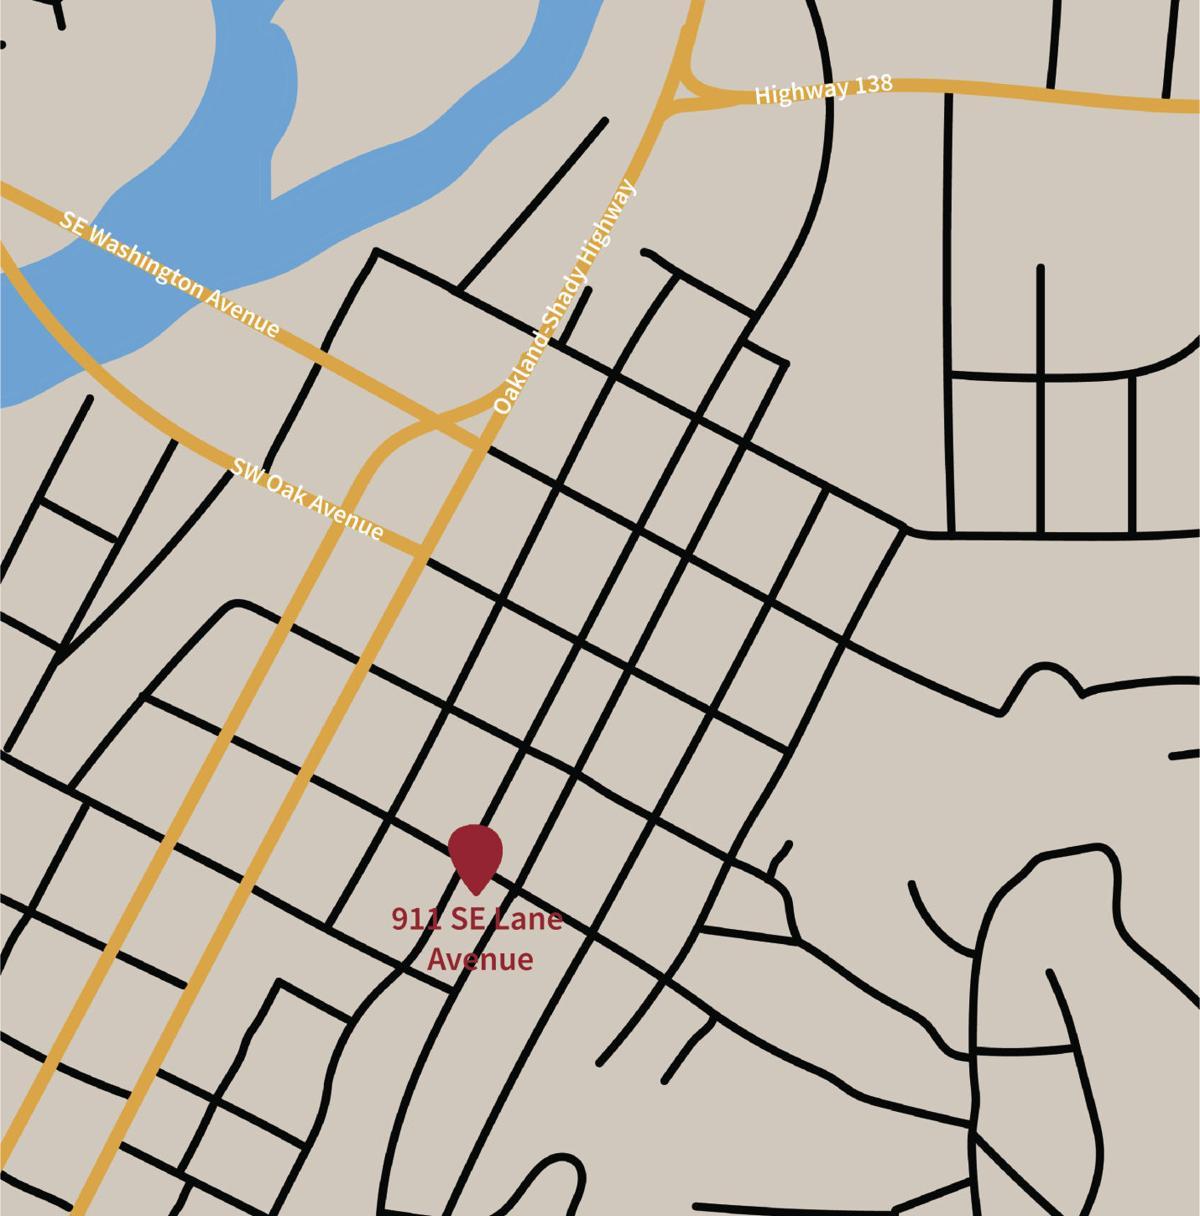 neighborworks umpqua apartment complex location